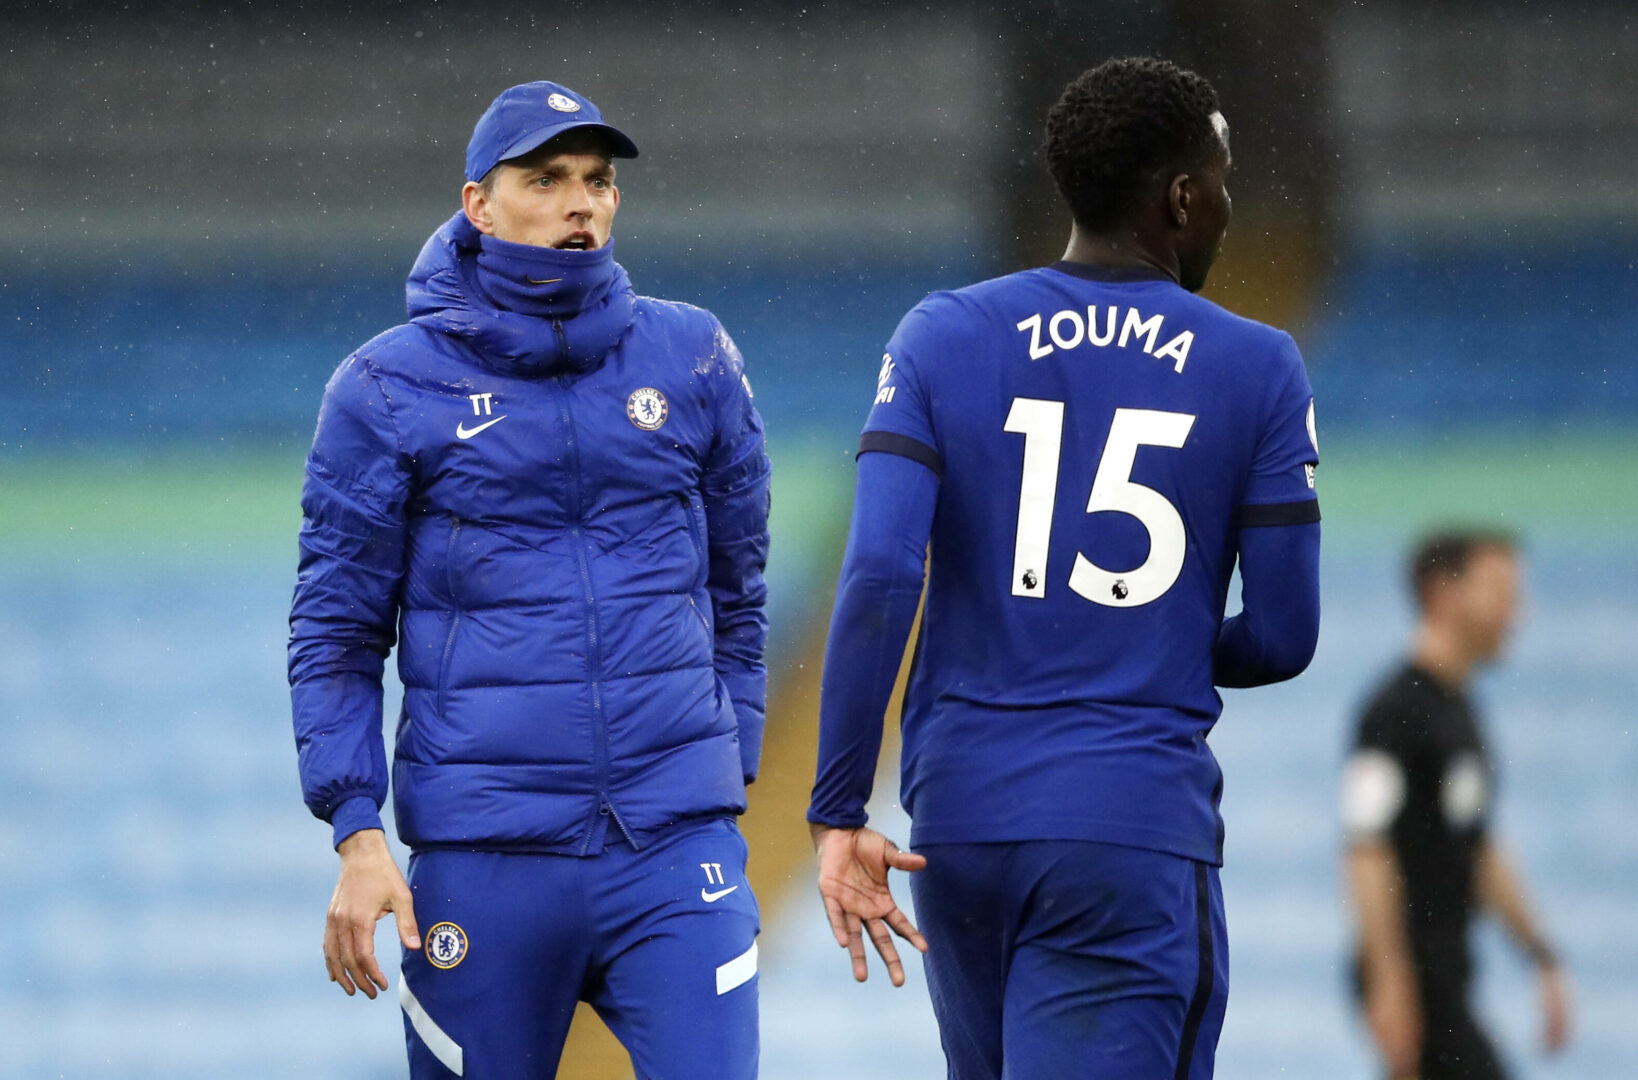 Bestätigt: West Ham verpflichtet Kurt Zouma vom FC Chelsea!